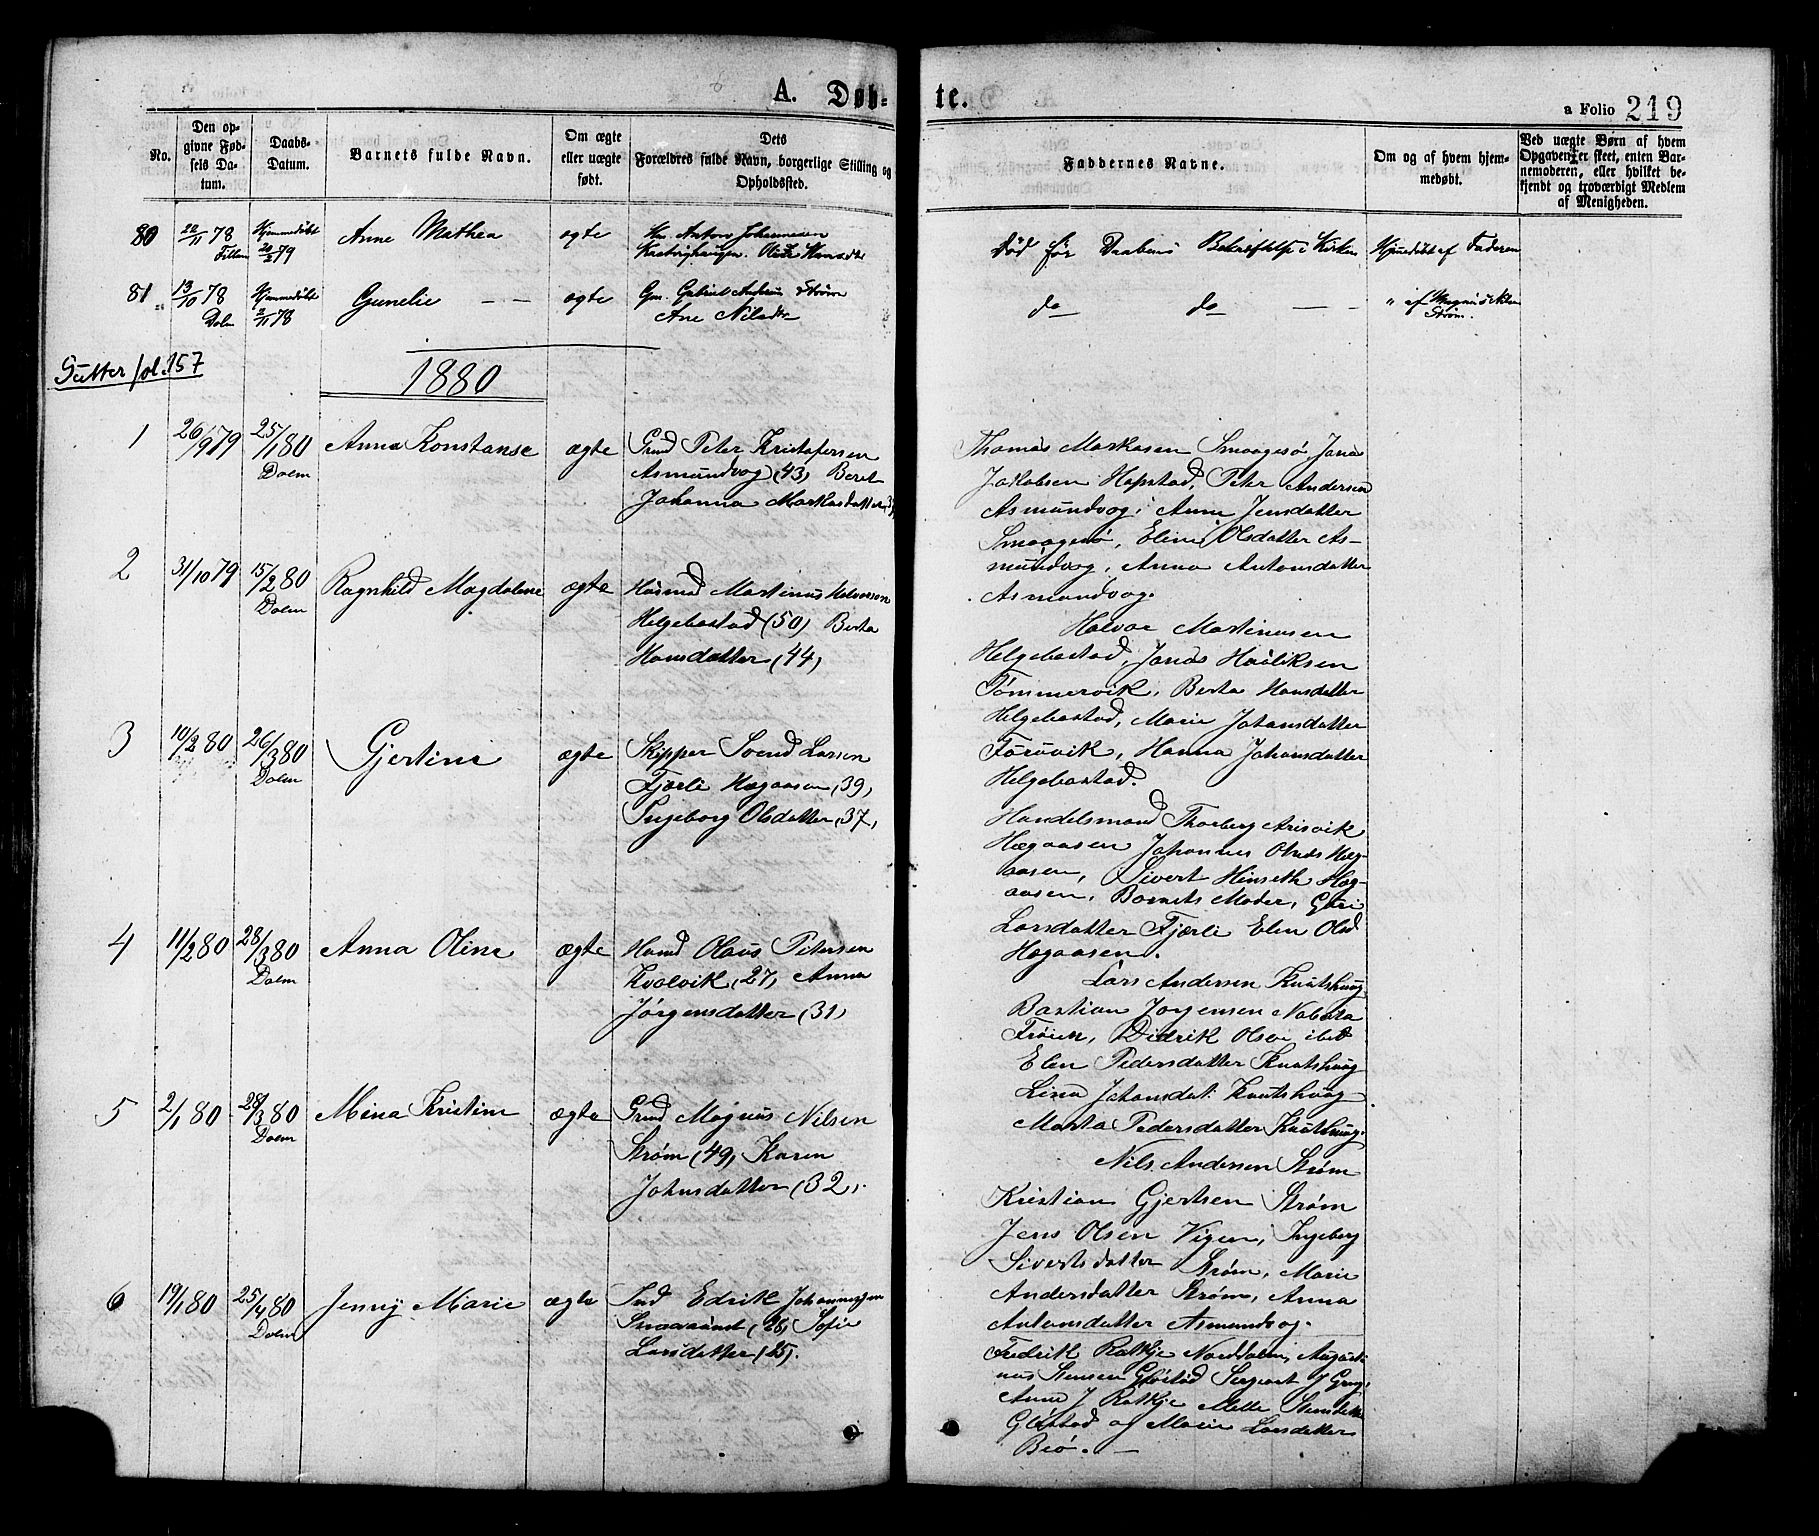 SAT, Ministerialprotokoller, klokkerbøker og fødselsregistre - Sør-Trøndelag, 634/L0532: Ministerialbok nr. 634A08, 1871-1881, s. 219